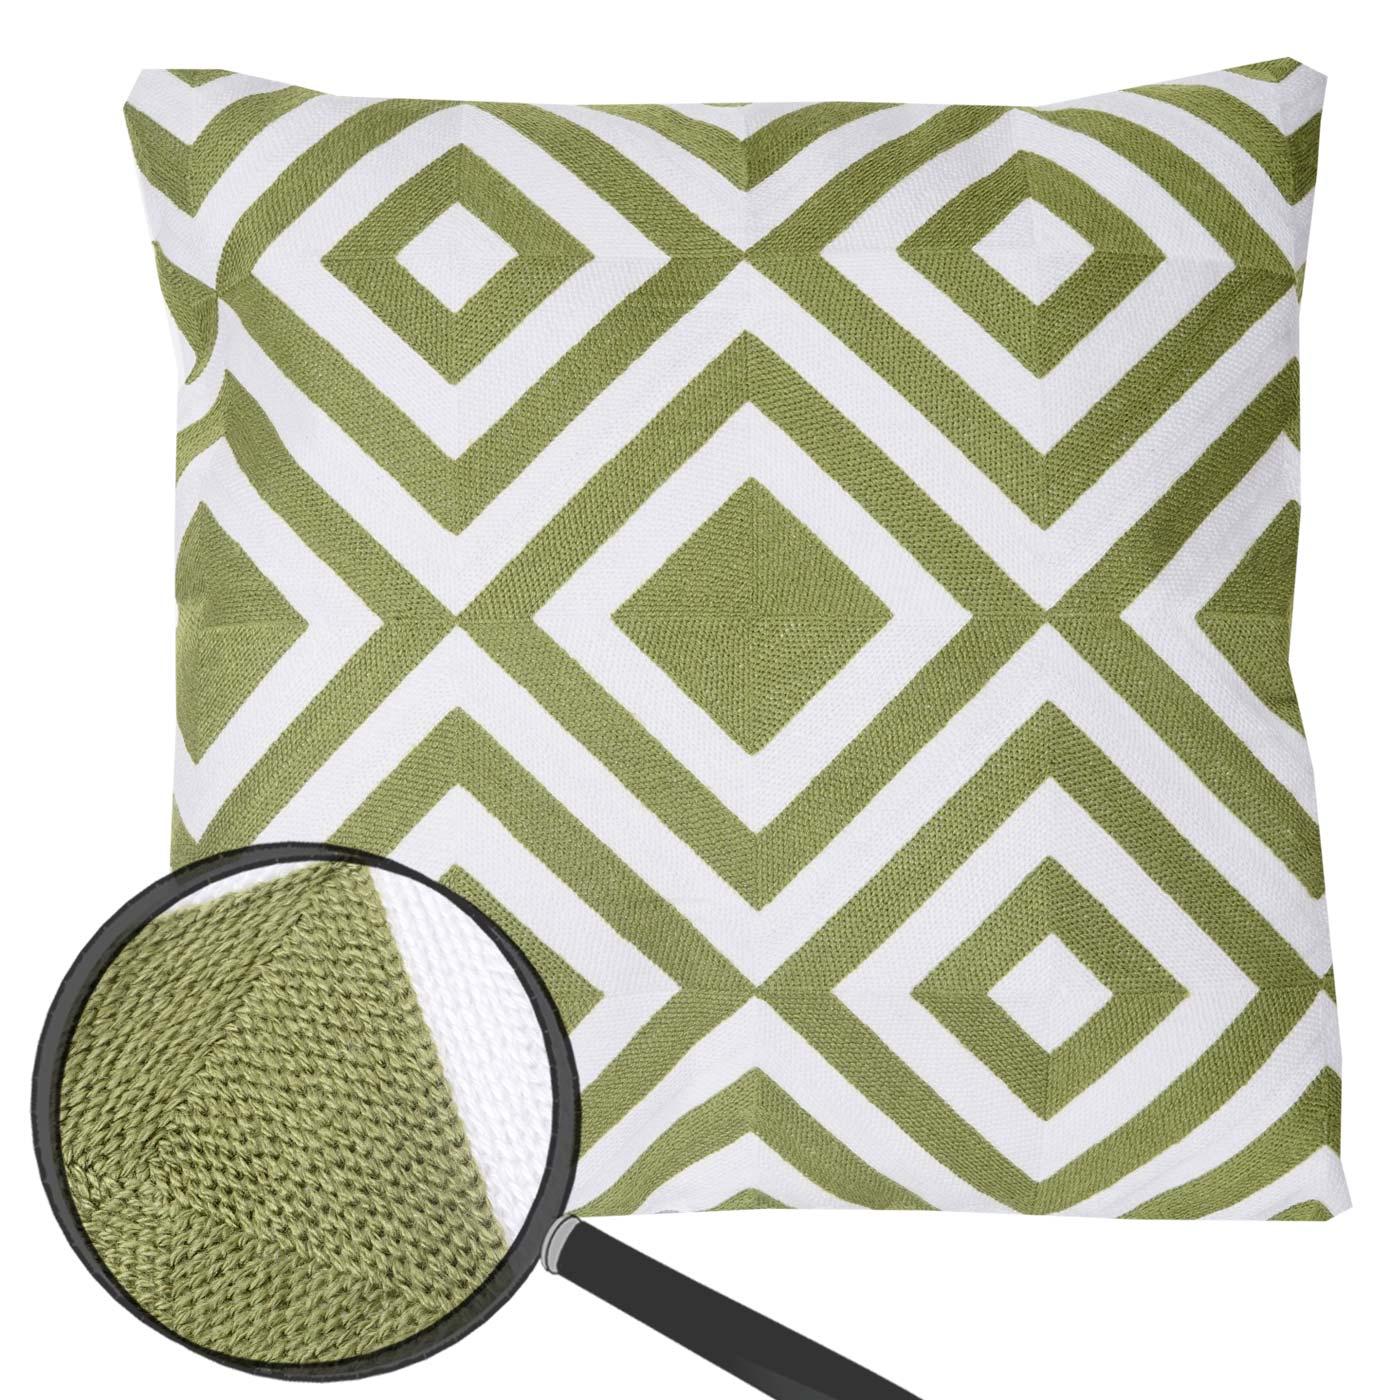 deko kissen rauten sofakissen zierkissen mit f llung gr n 45x45cm. Black Bedroom Furniture Sets. Home Design Ideas